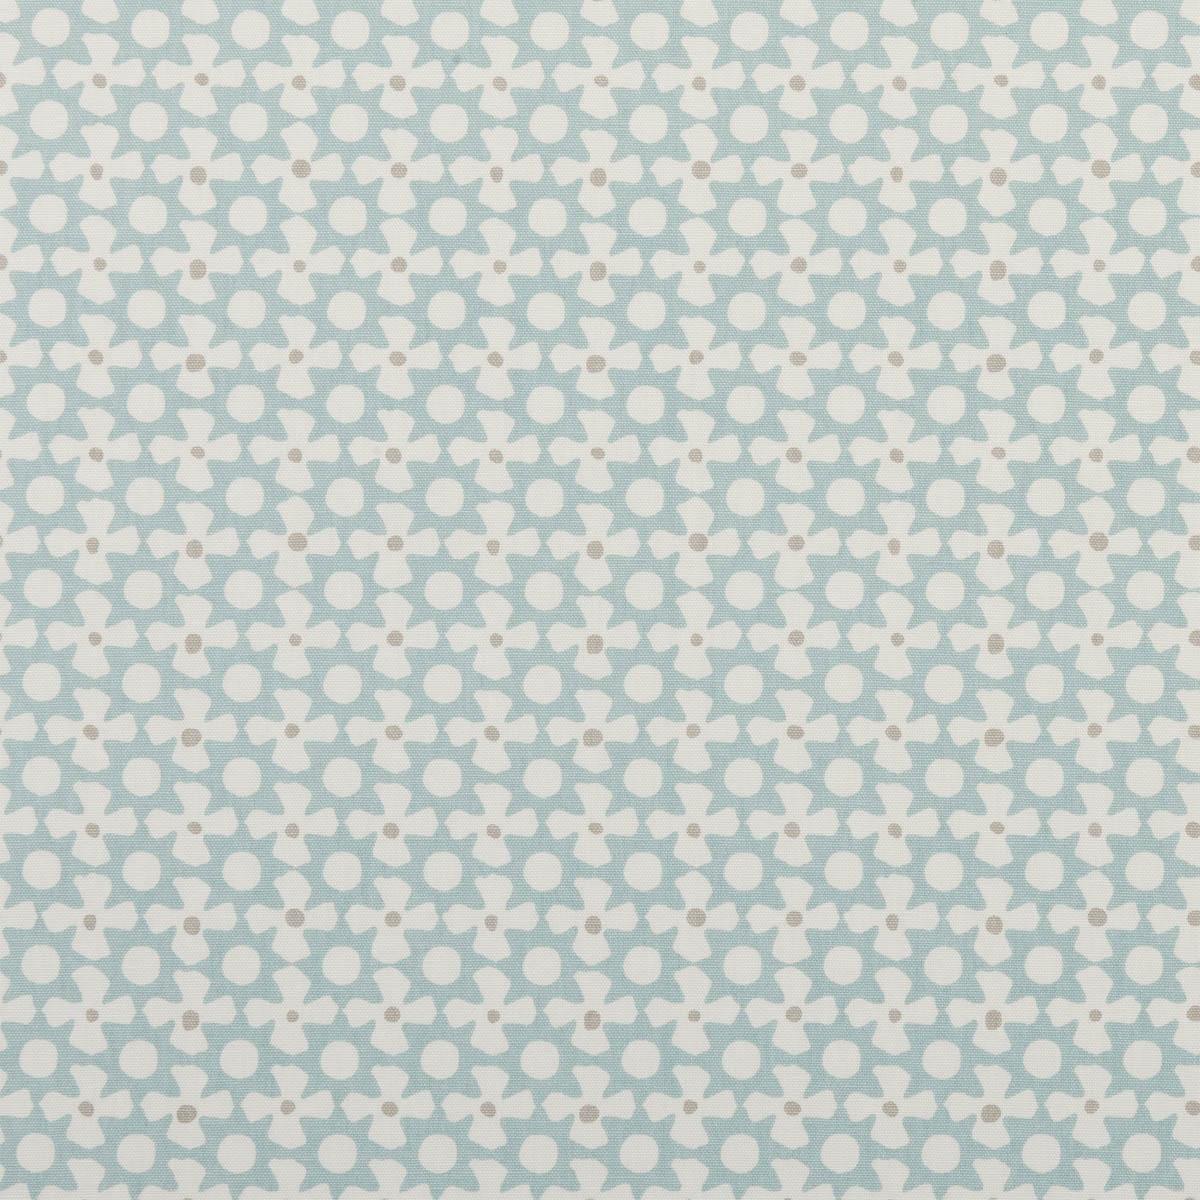 Teal hallway ideas  Reef Curtain Fabric  Kitchen design ideas  Pinterest  Curtain